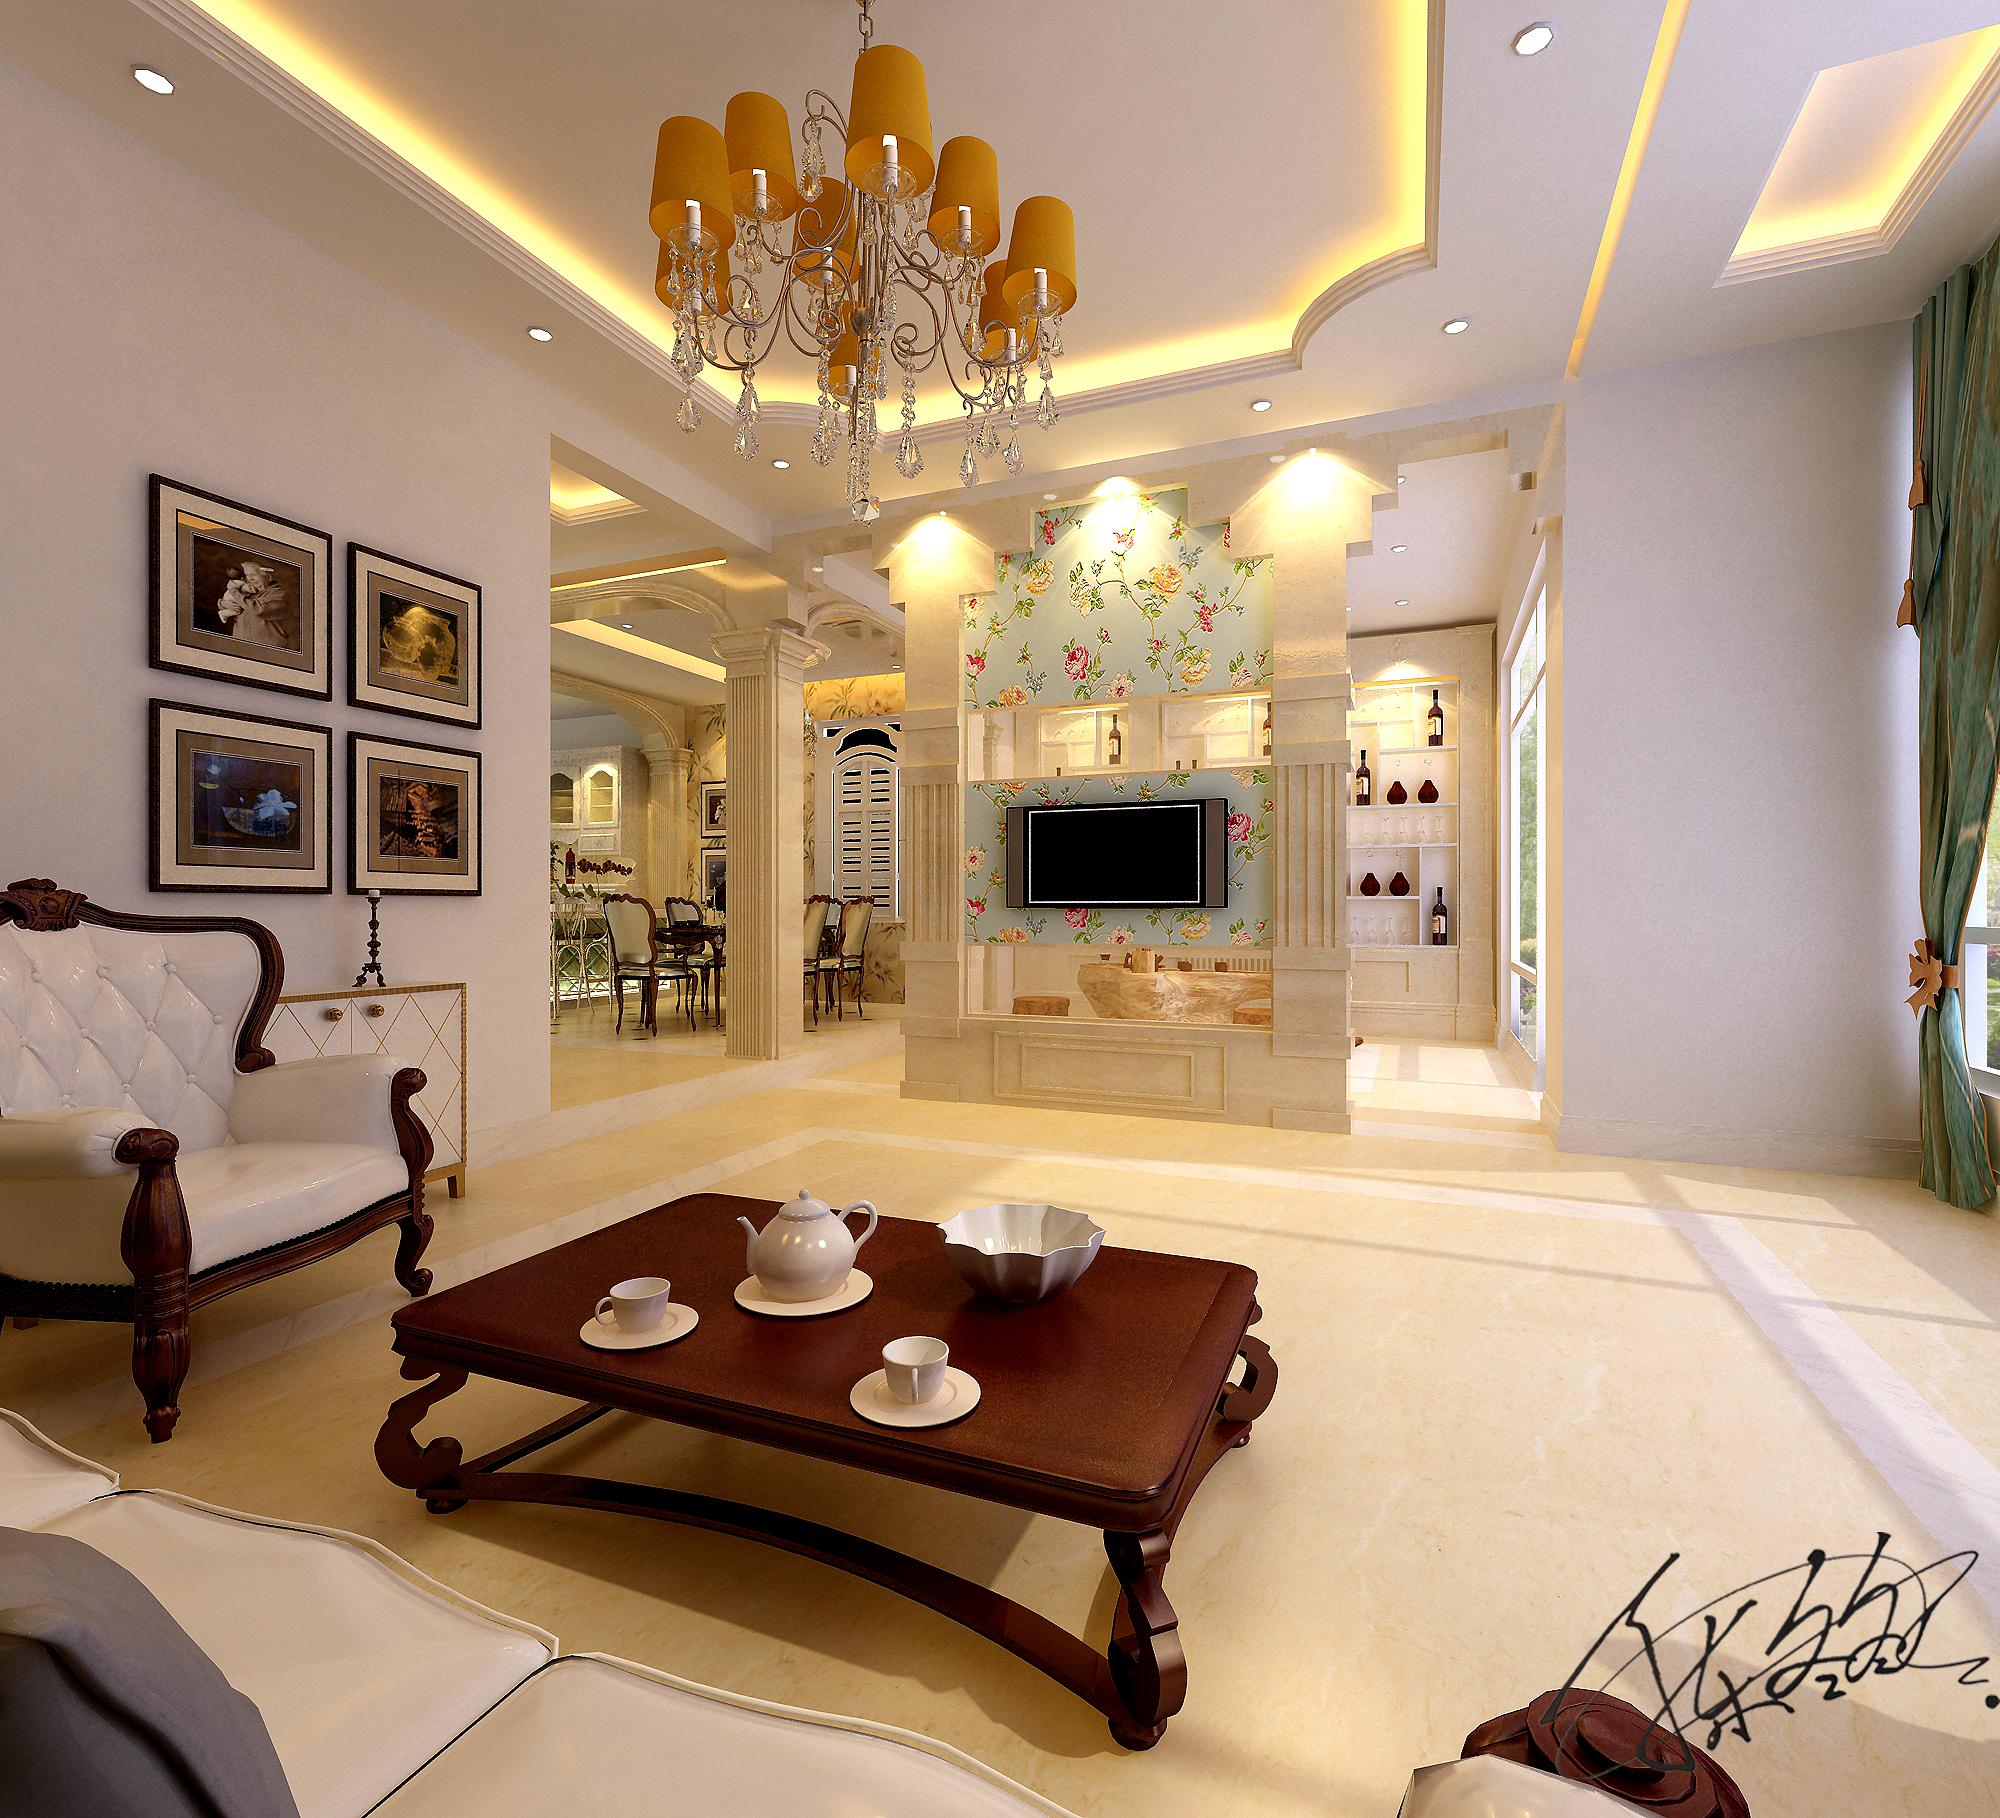 欧式 别墅 白领 80后 客厅 餐厅 卧室 休闲区 客厅图片来自百家装饰-小敬在碧桂园太阳城别墅装修效果图的分享